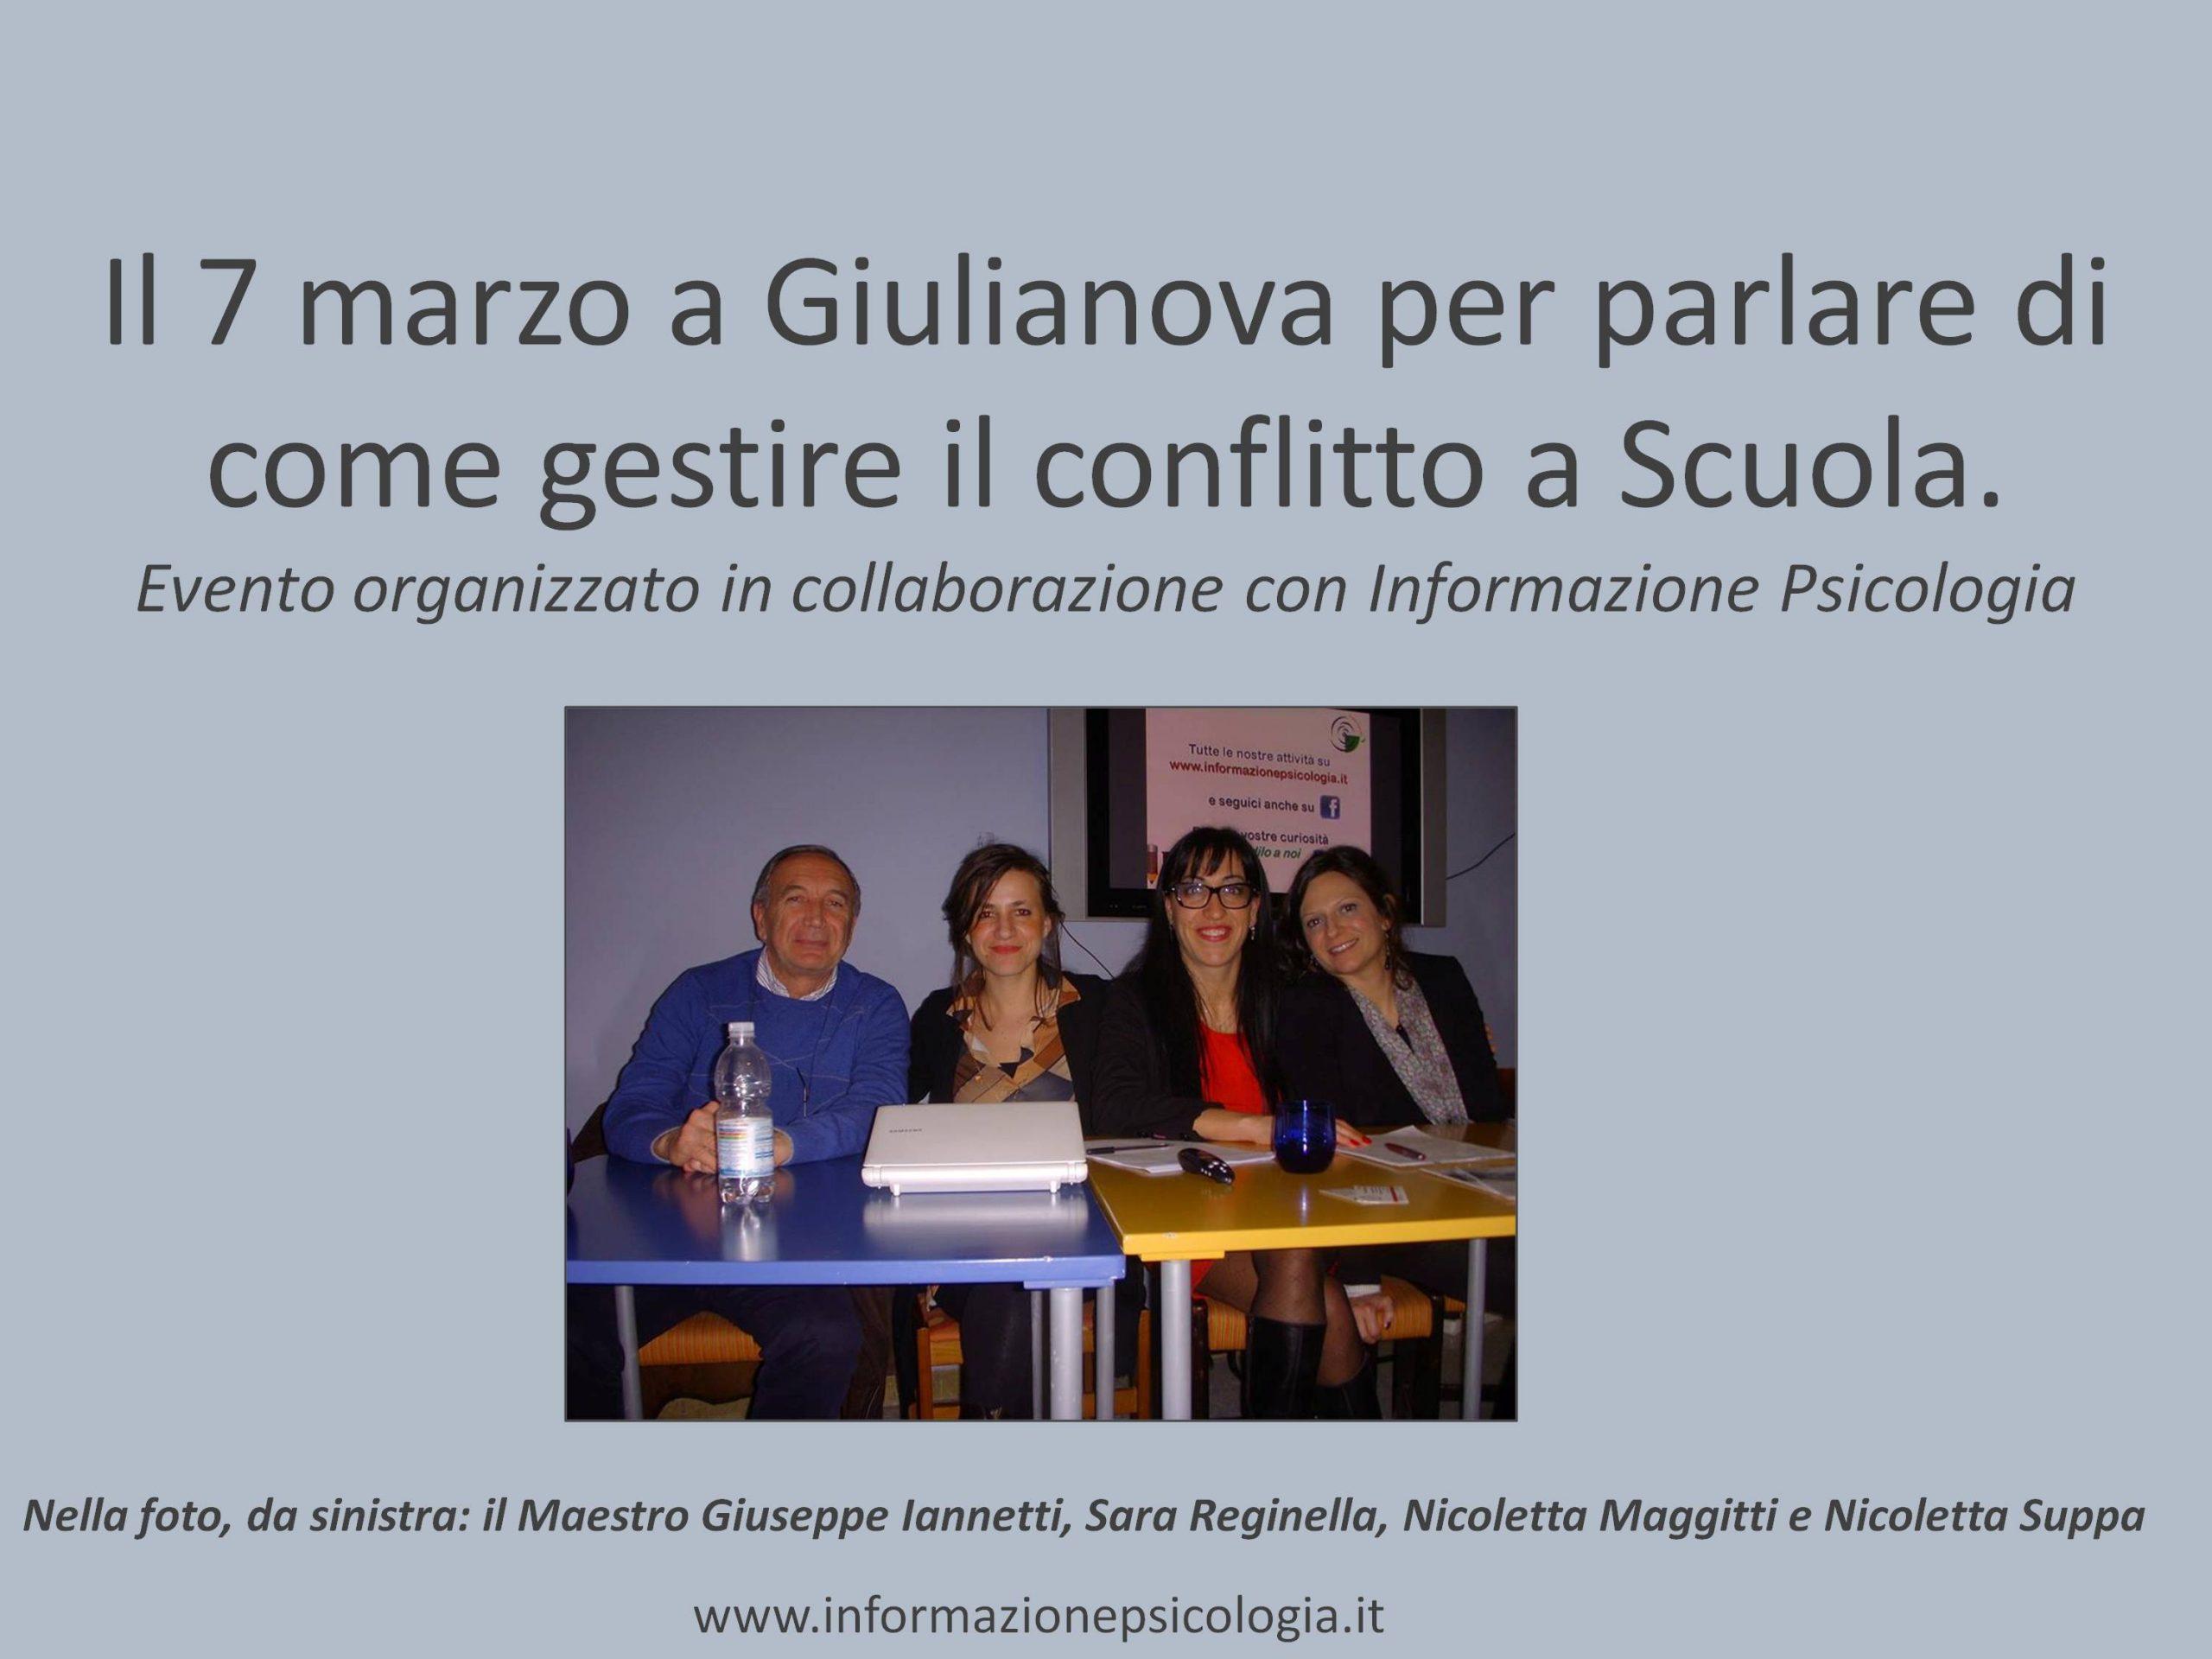 A Giulianova, Seminario sul conflitto a Scuola